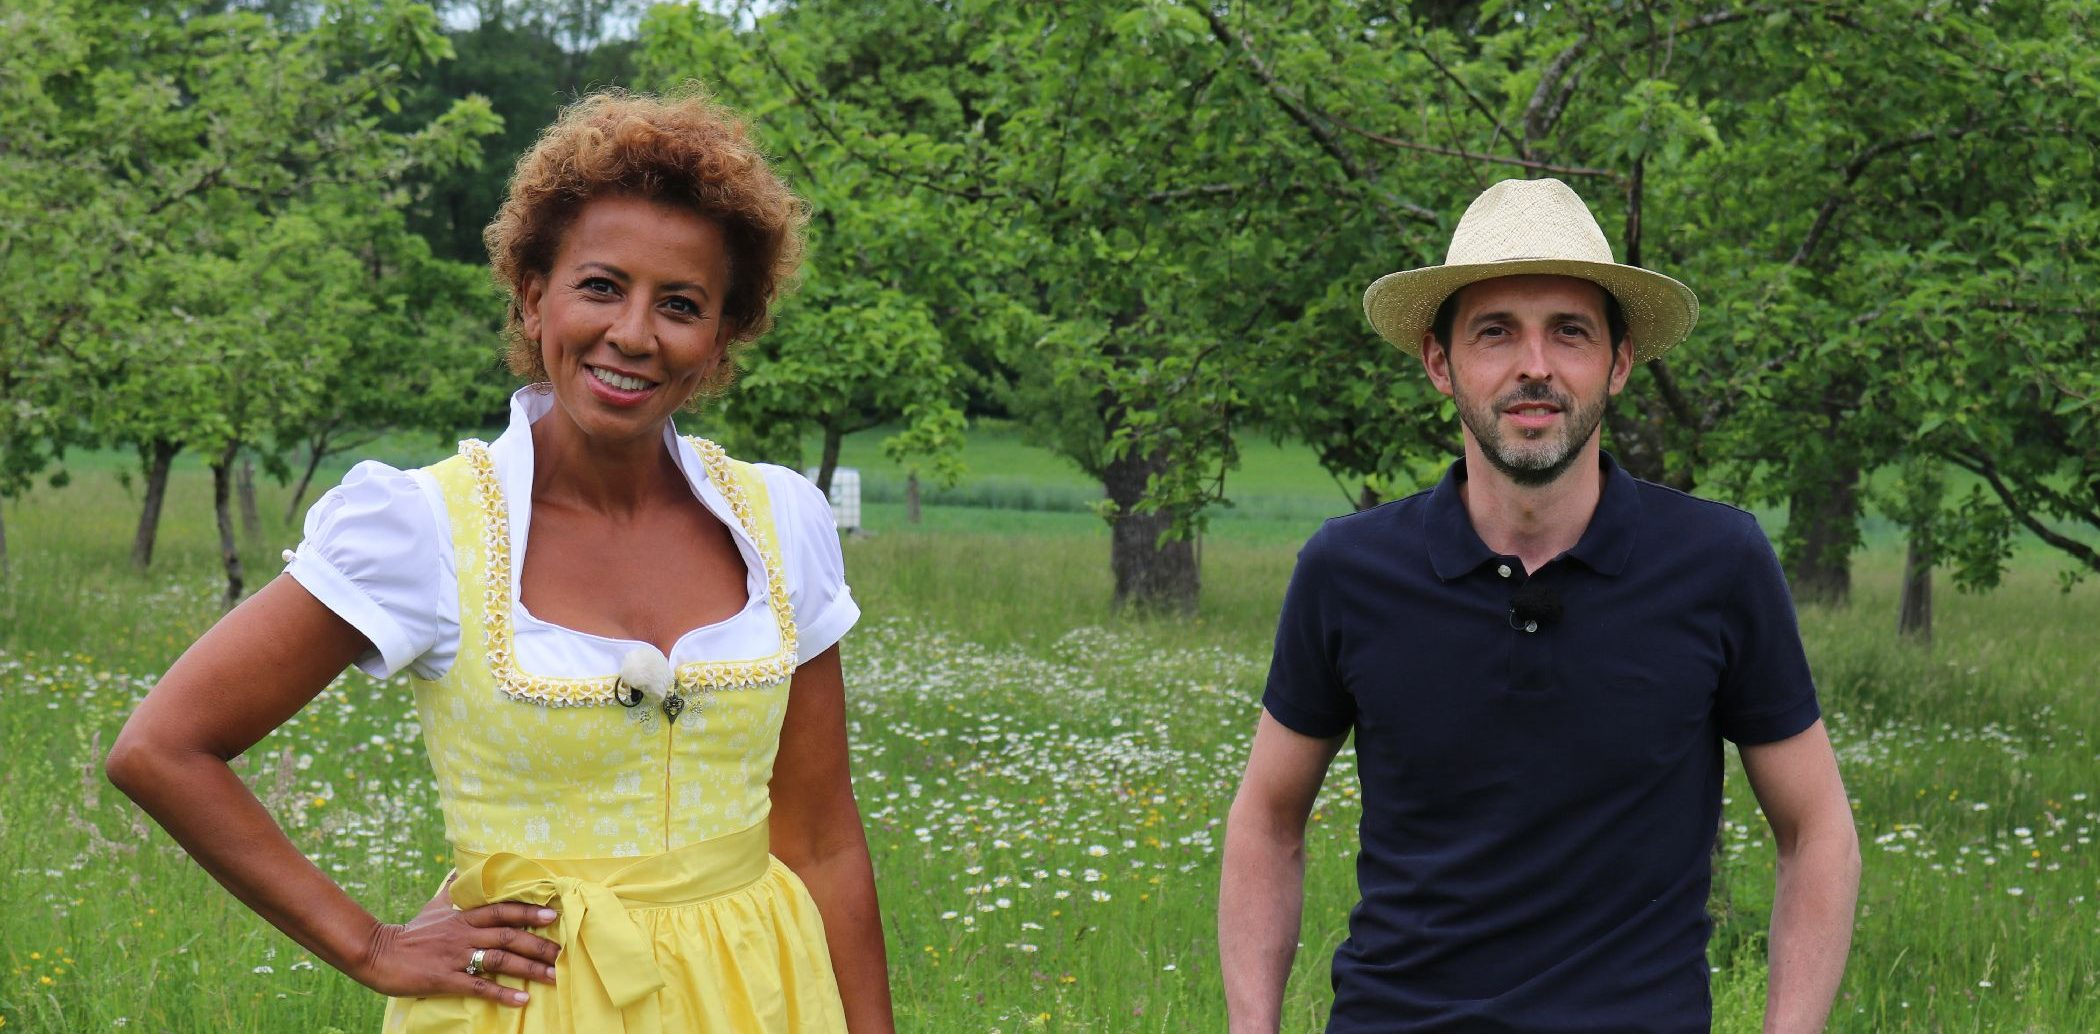 Bauer Sucht Frau Atv Auch Die Zweite Vorstellungsfolge Hat Starke Quoten Ufa